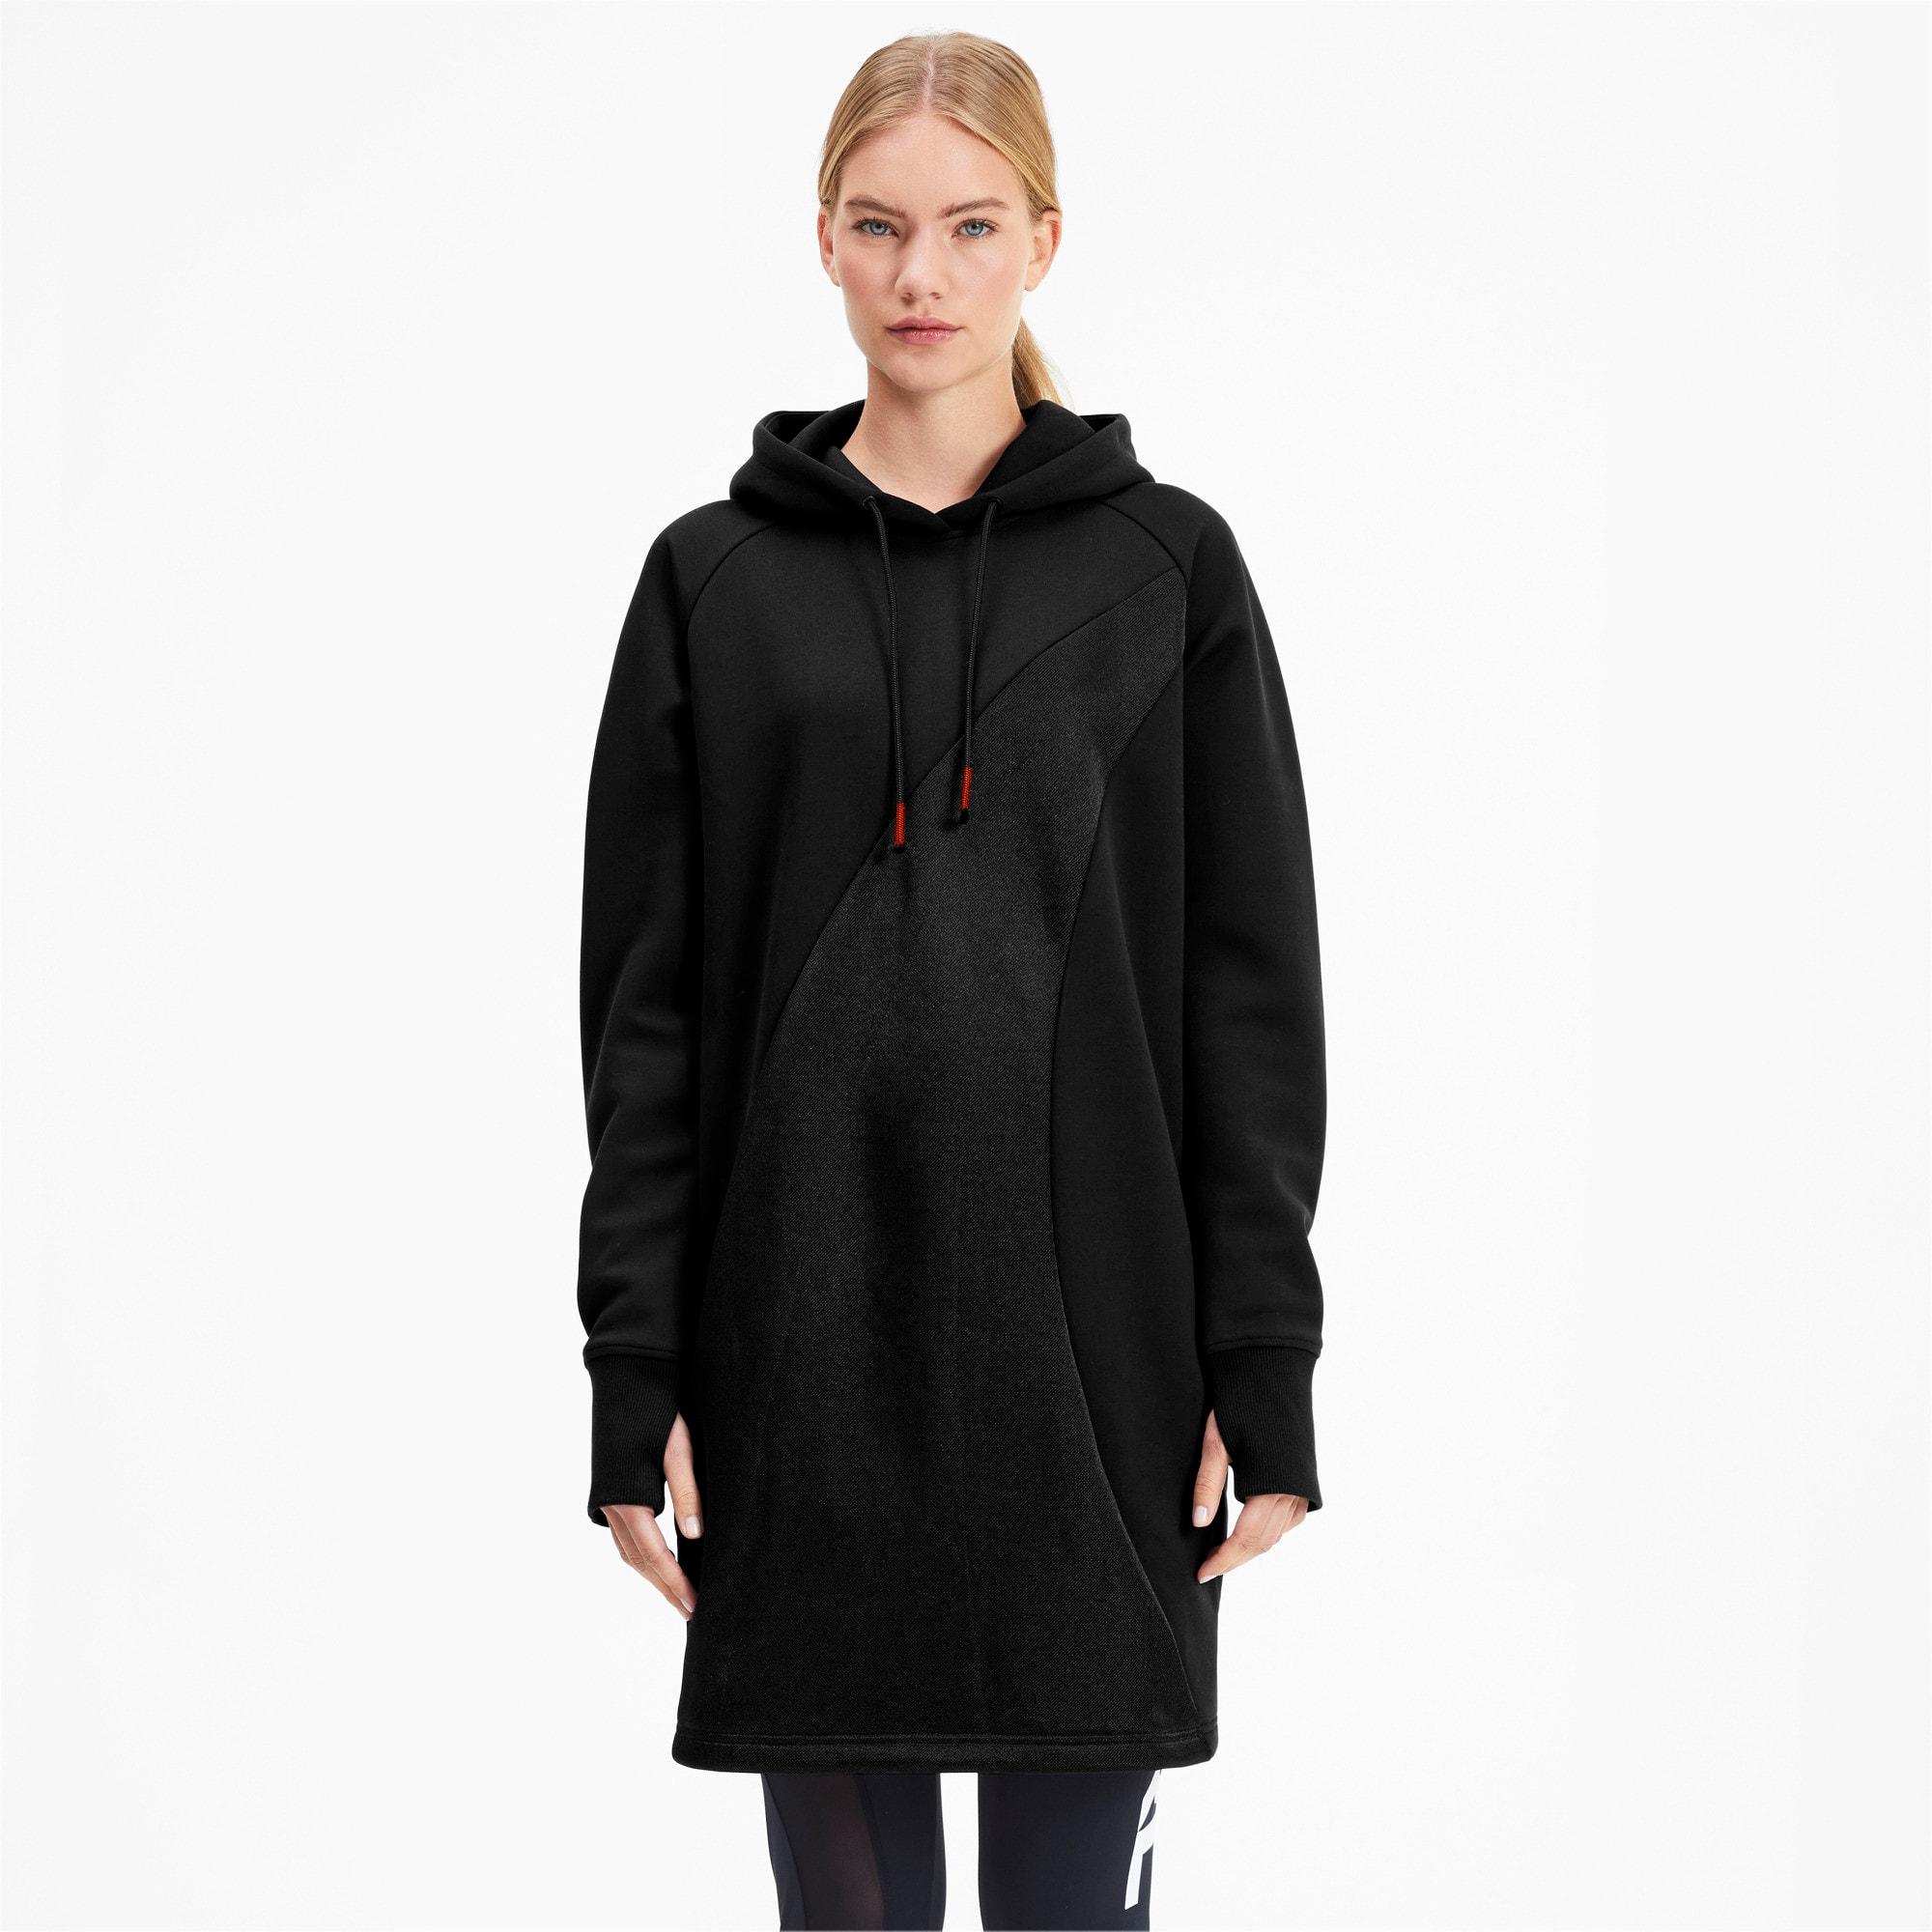 Thumbnail 2 of PUMA x KARL LAGERFELD Women's Hooded Dress, Puma Black, medium